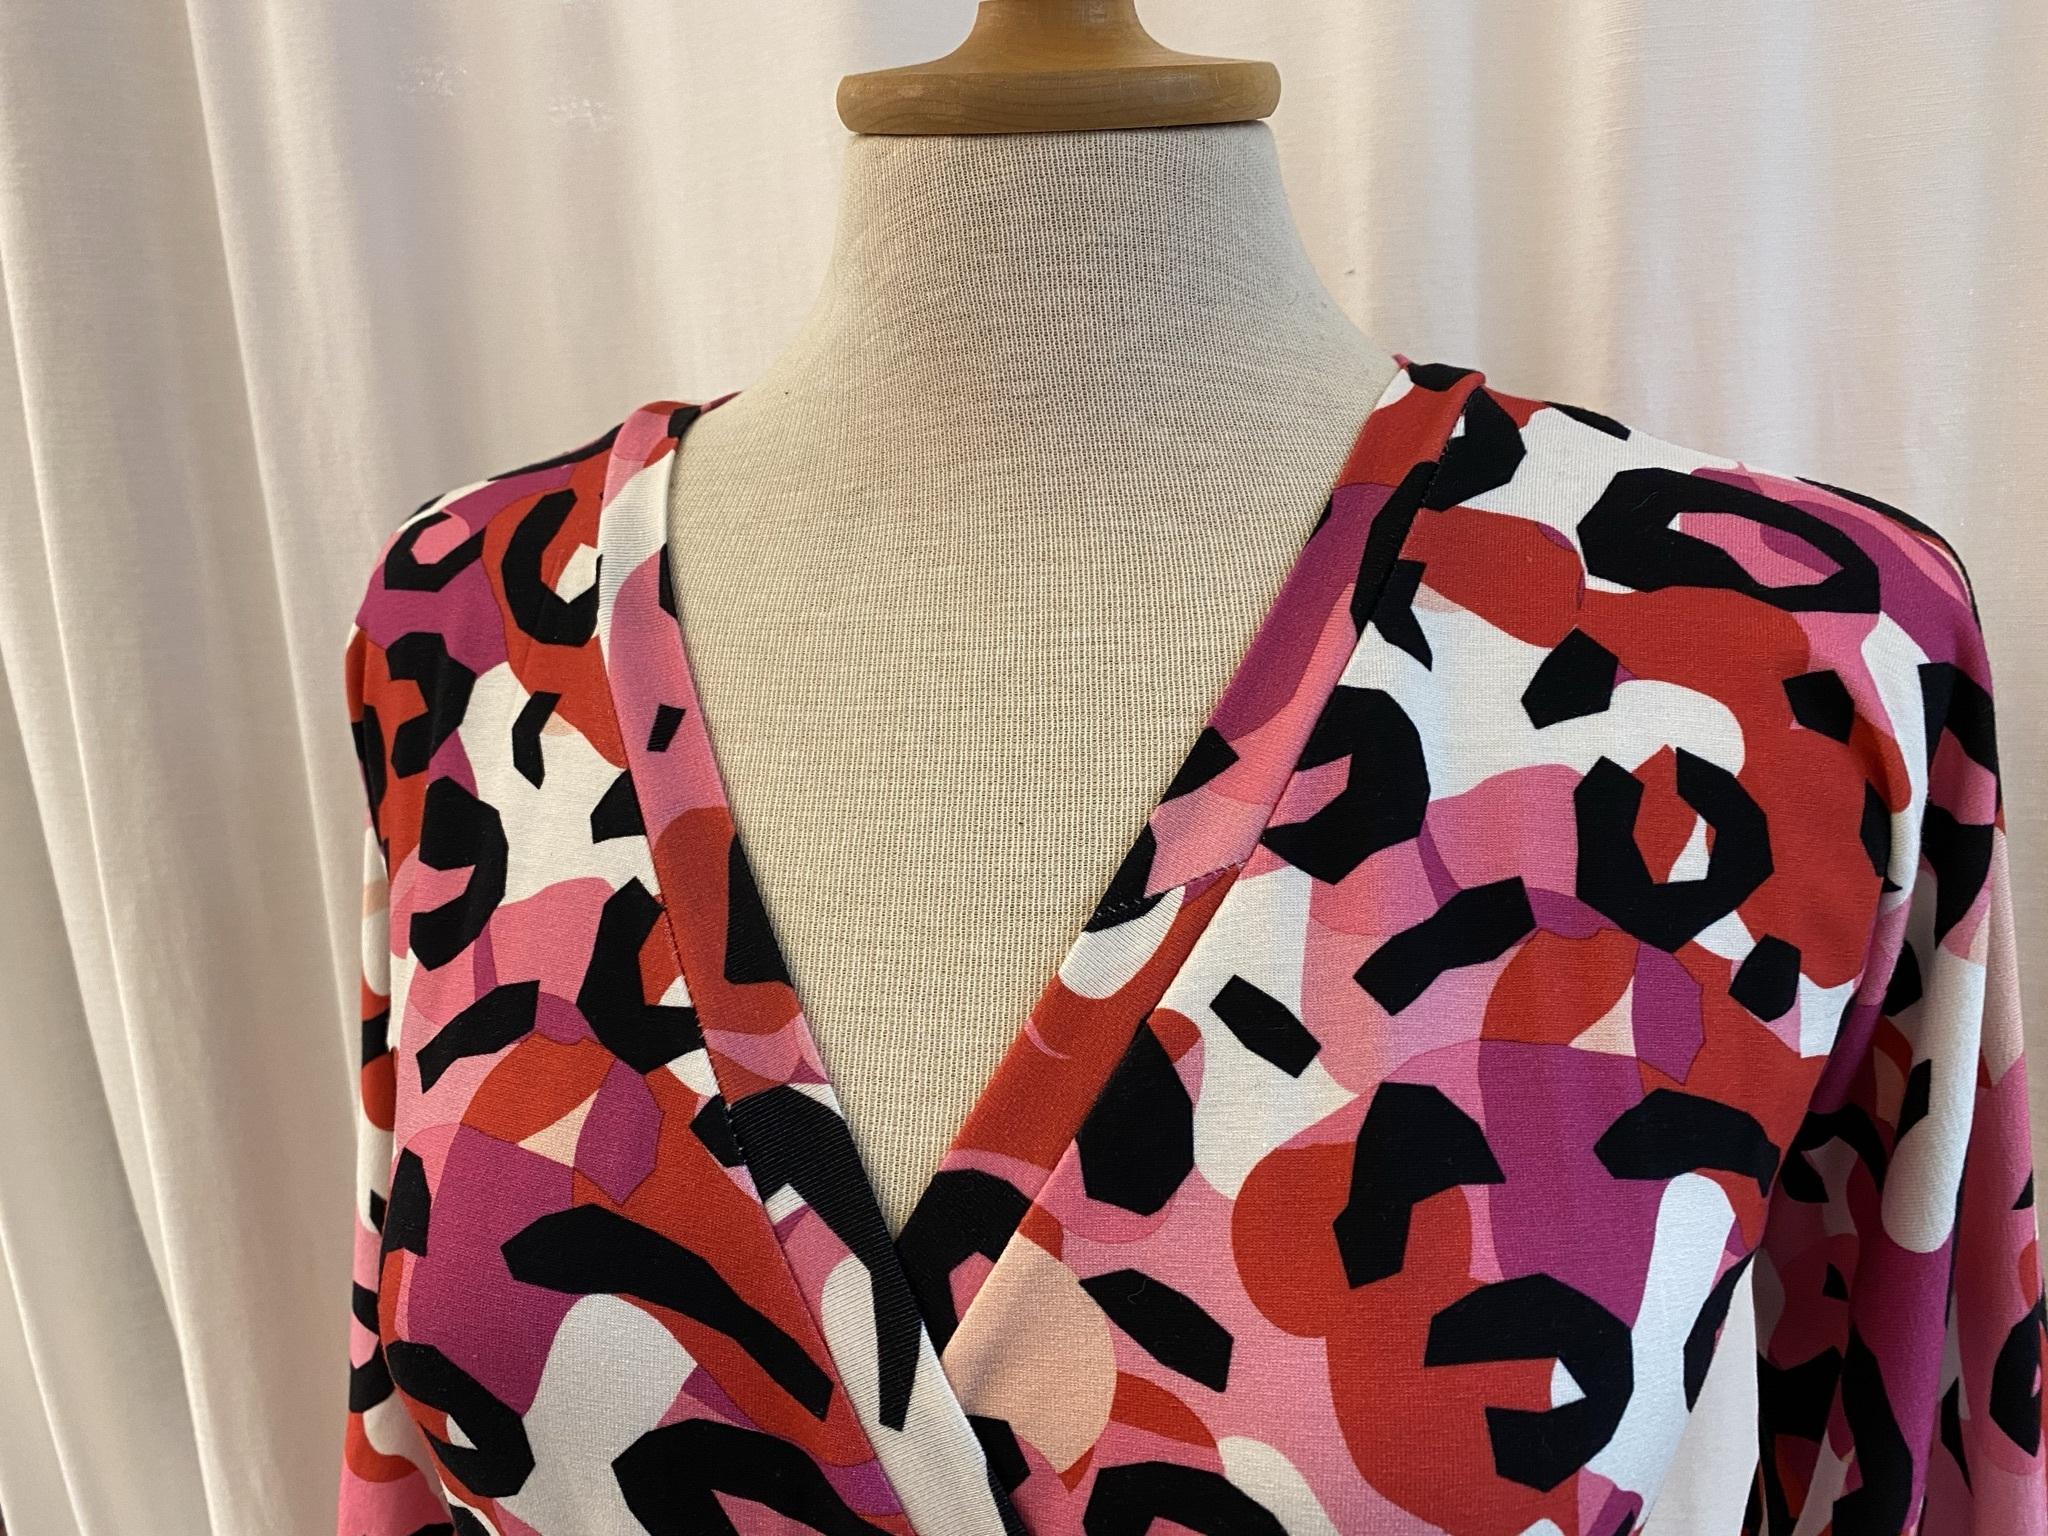 SaraLaholm klänning trikå viskosjersey Viola rosa kamouflage omlottklänning unik design